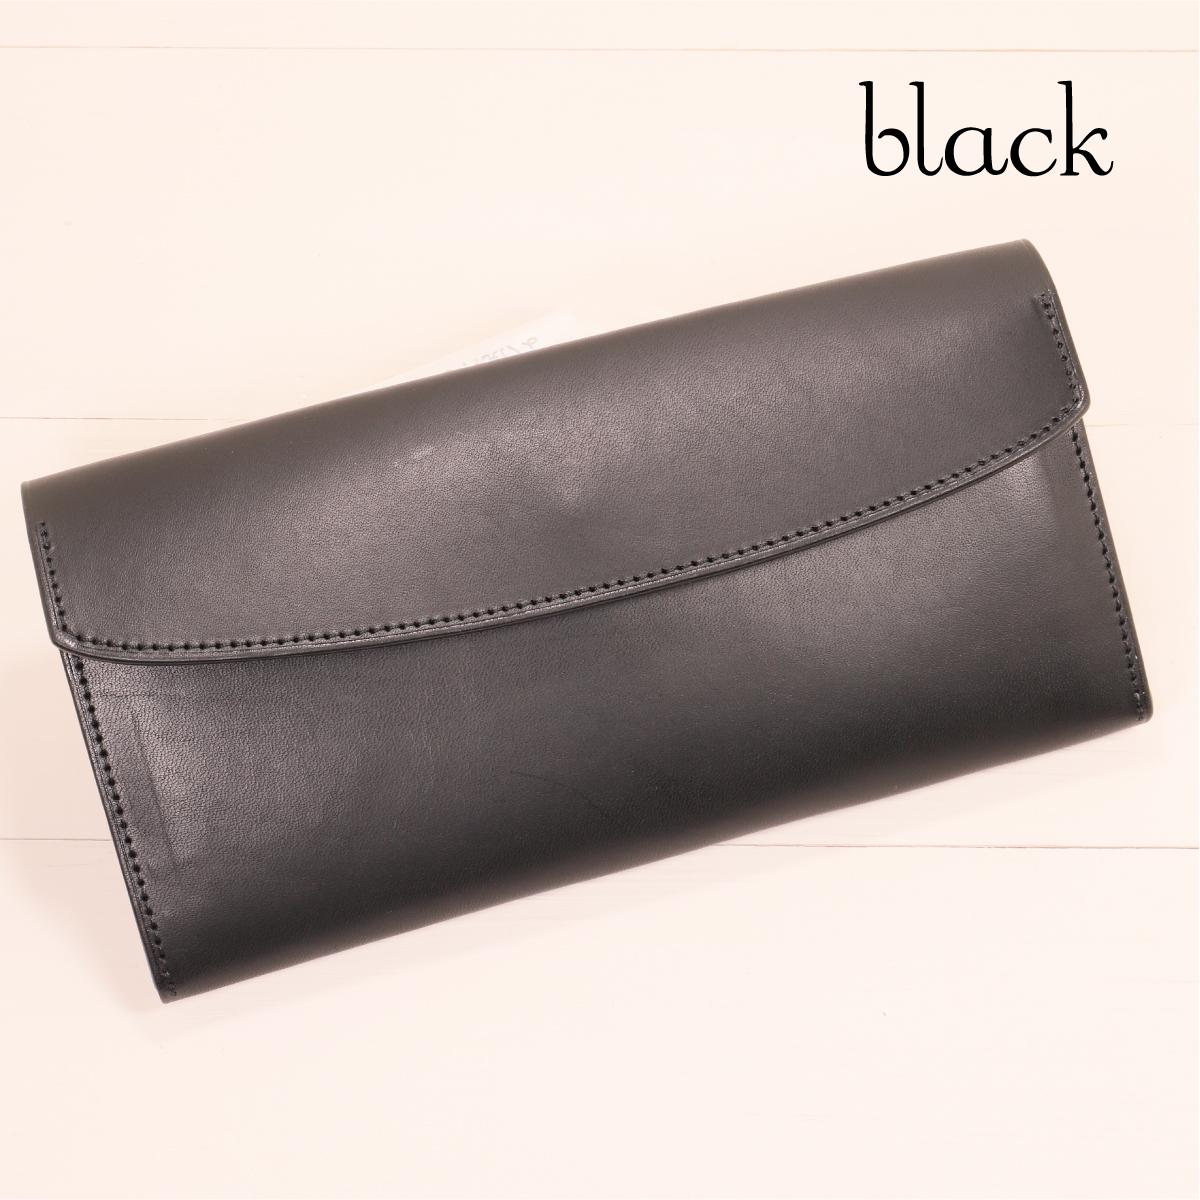 上質なレザーを使ったMAED IN JAPANのシンプルな長財布